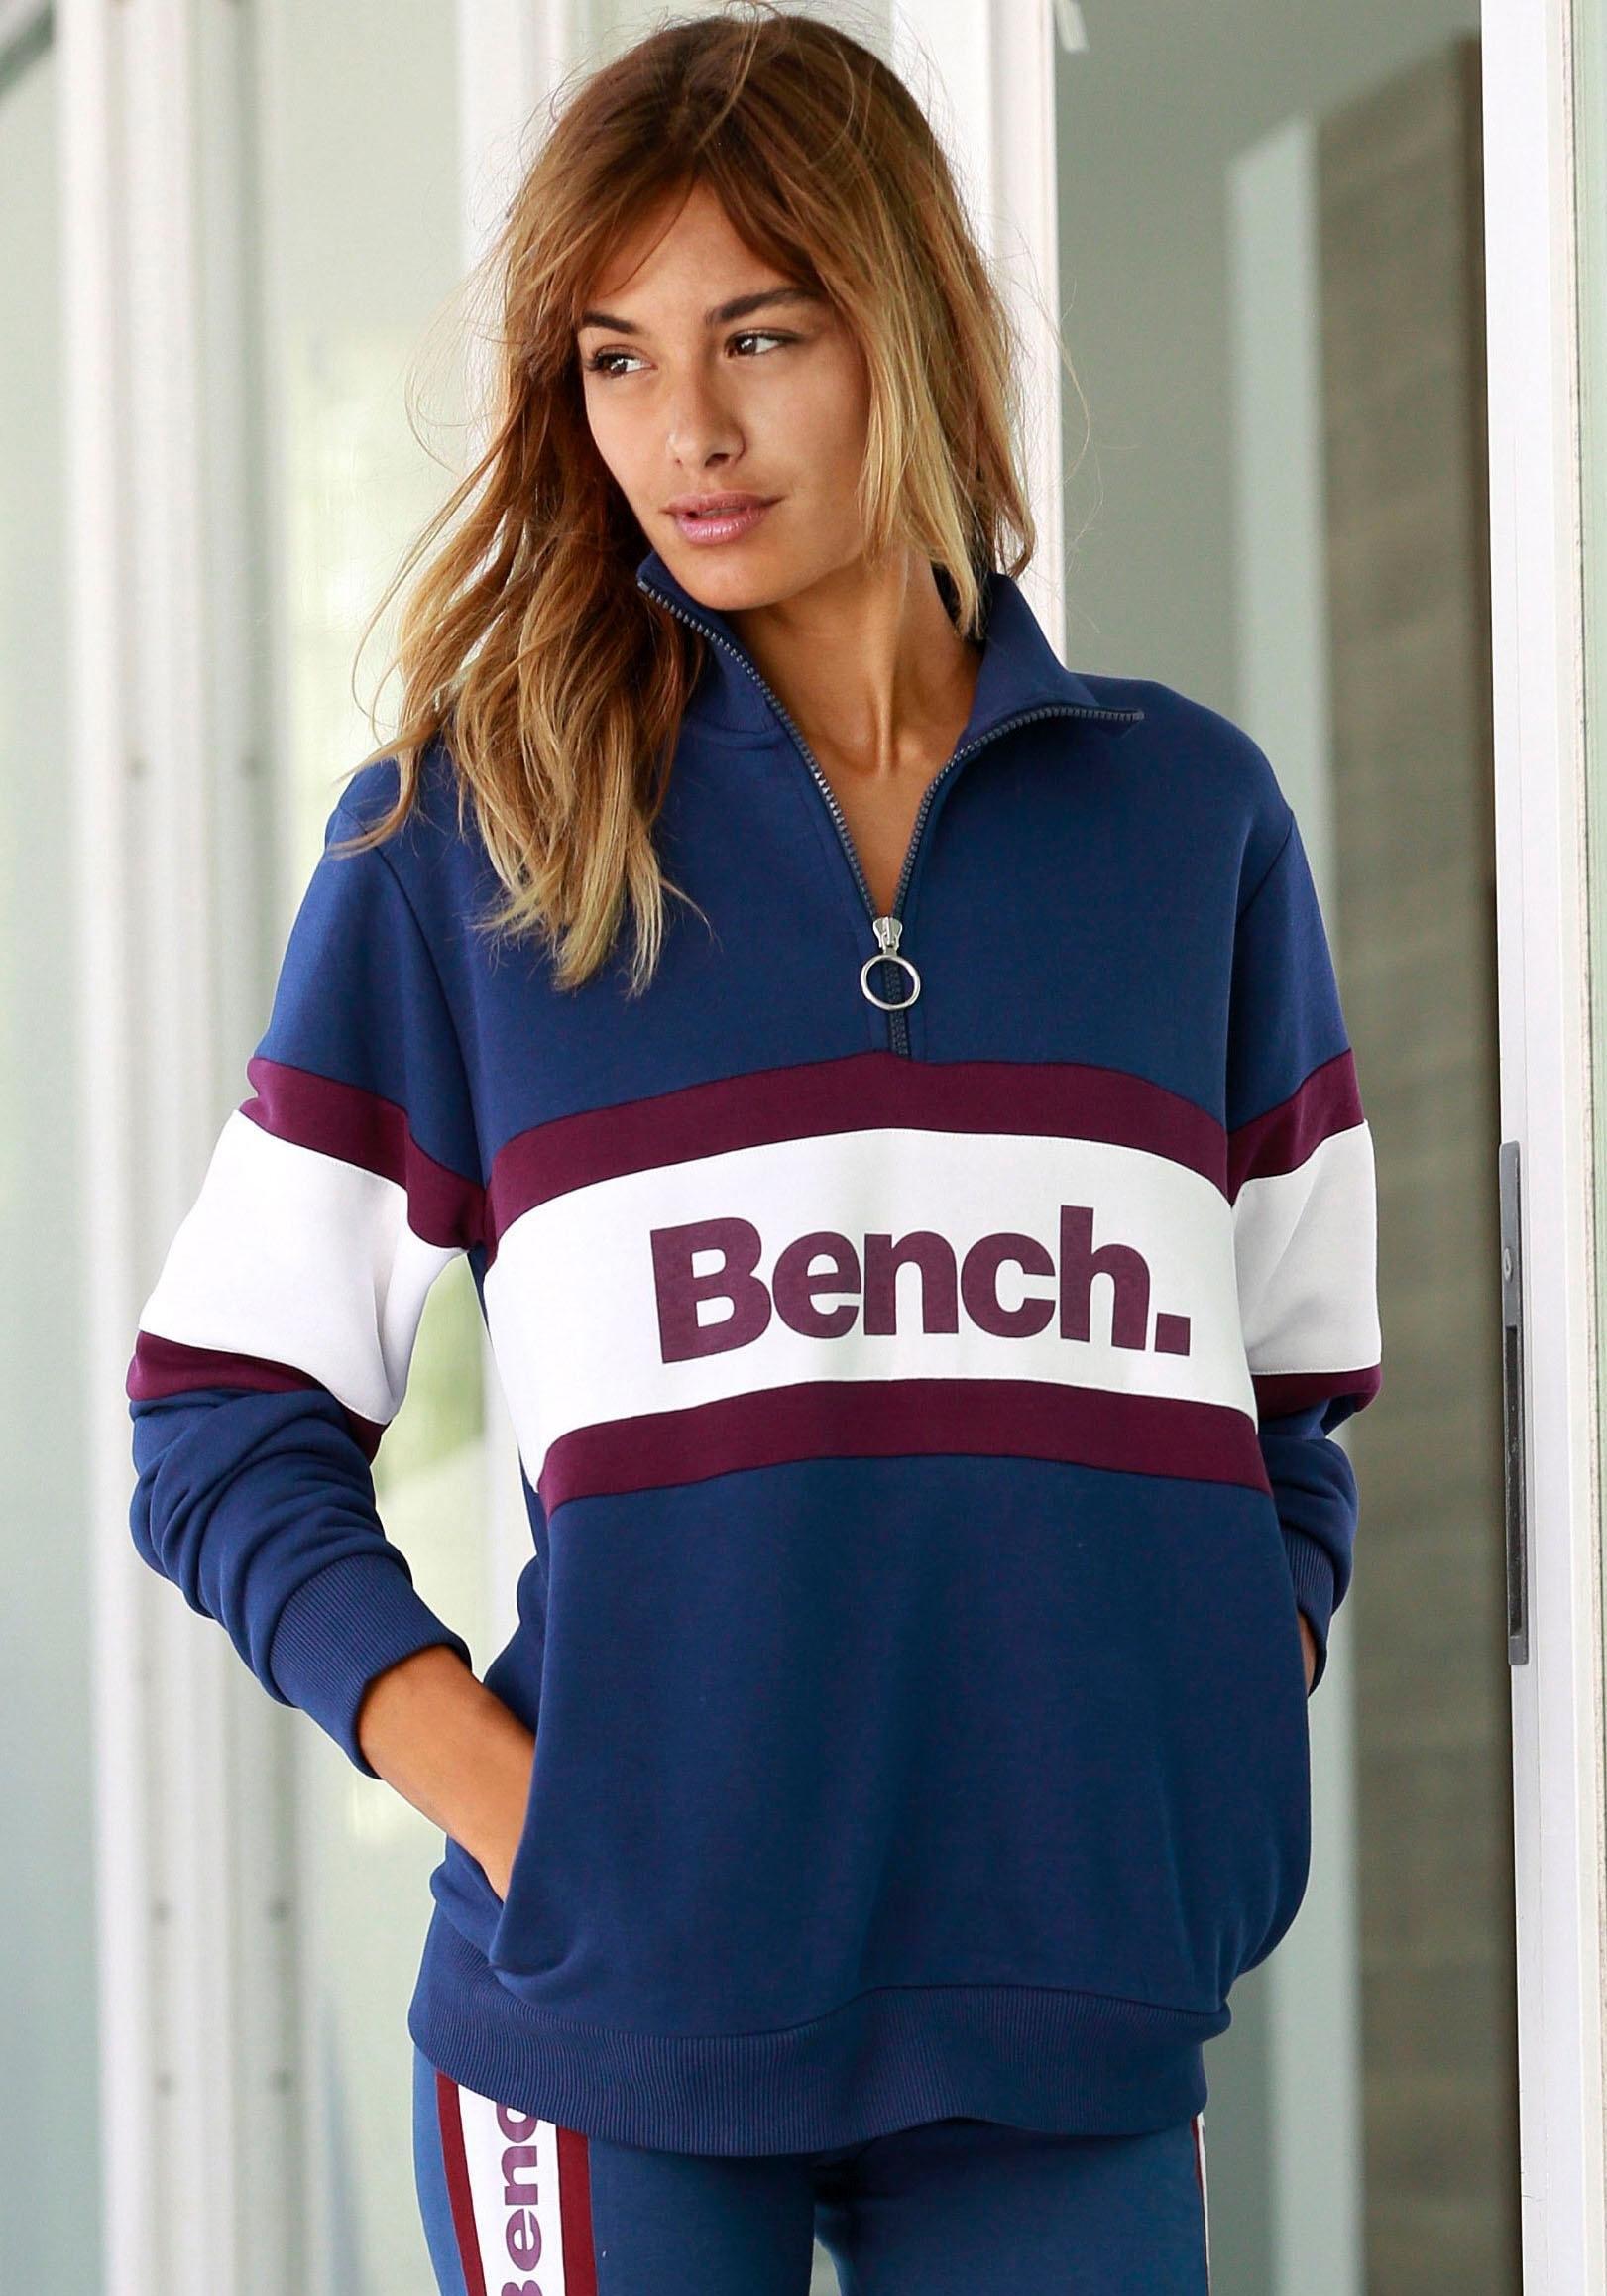 Bench. sweatshirt goedkoop op otto.nl kopen